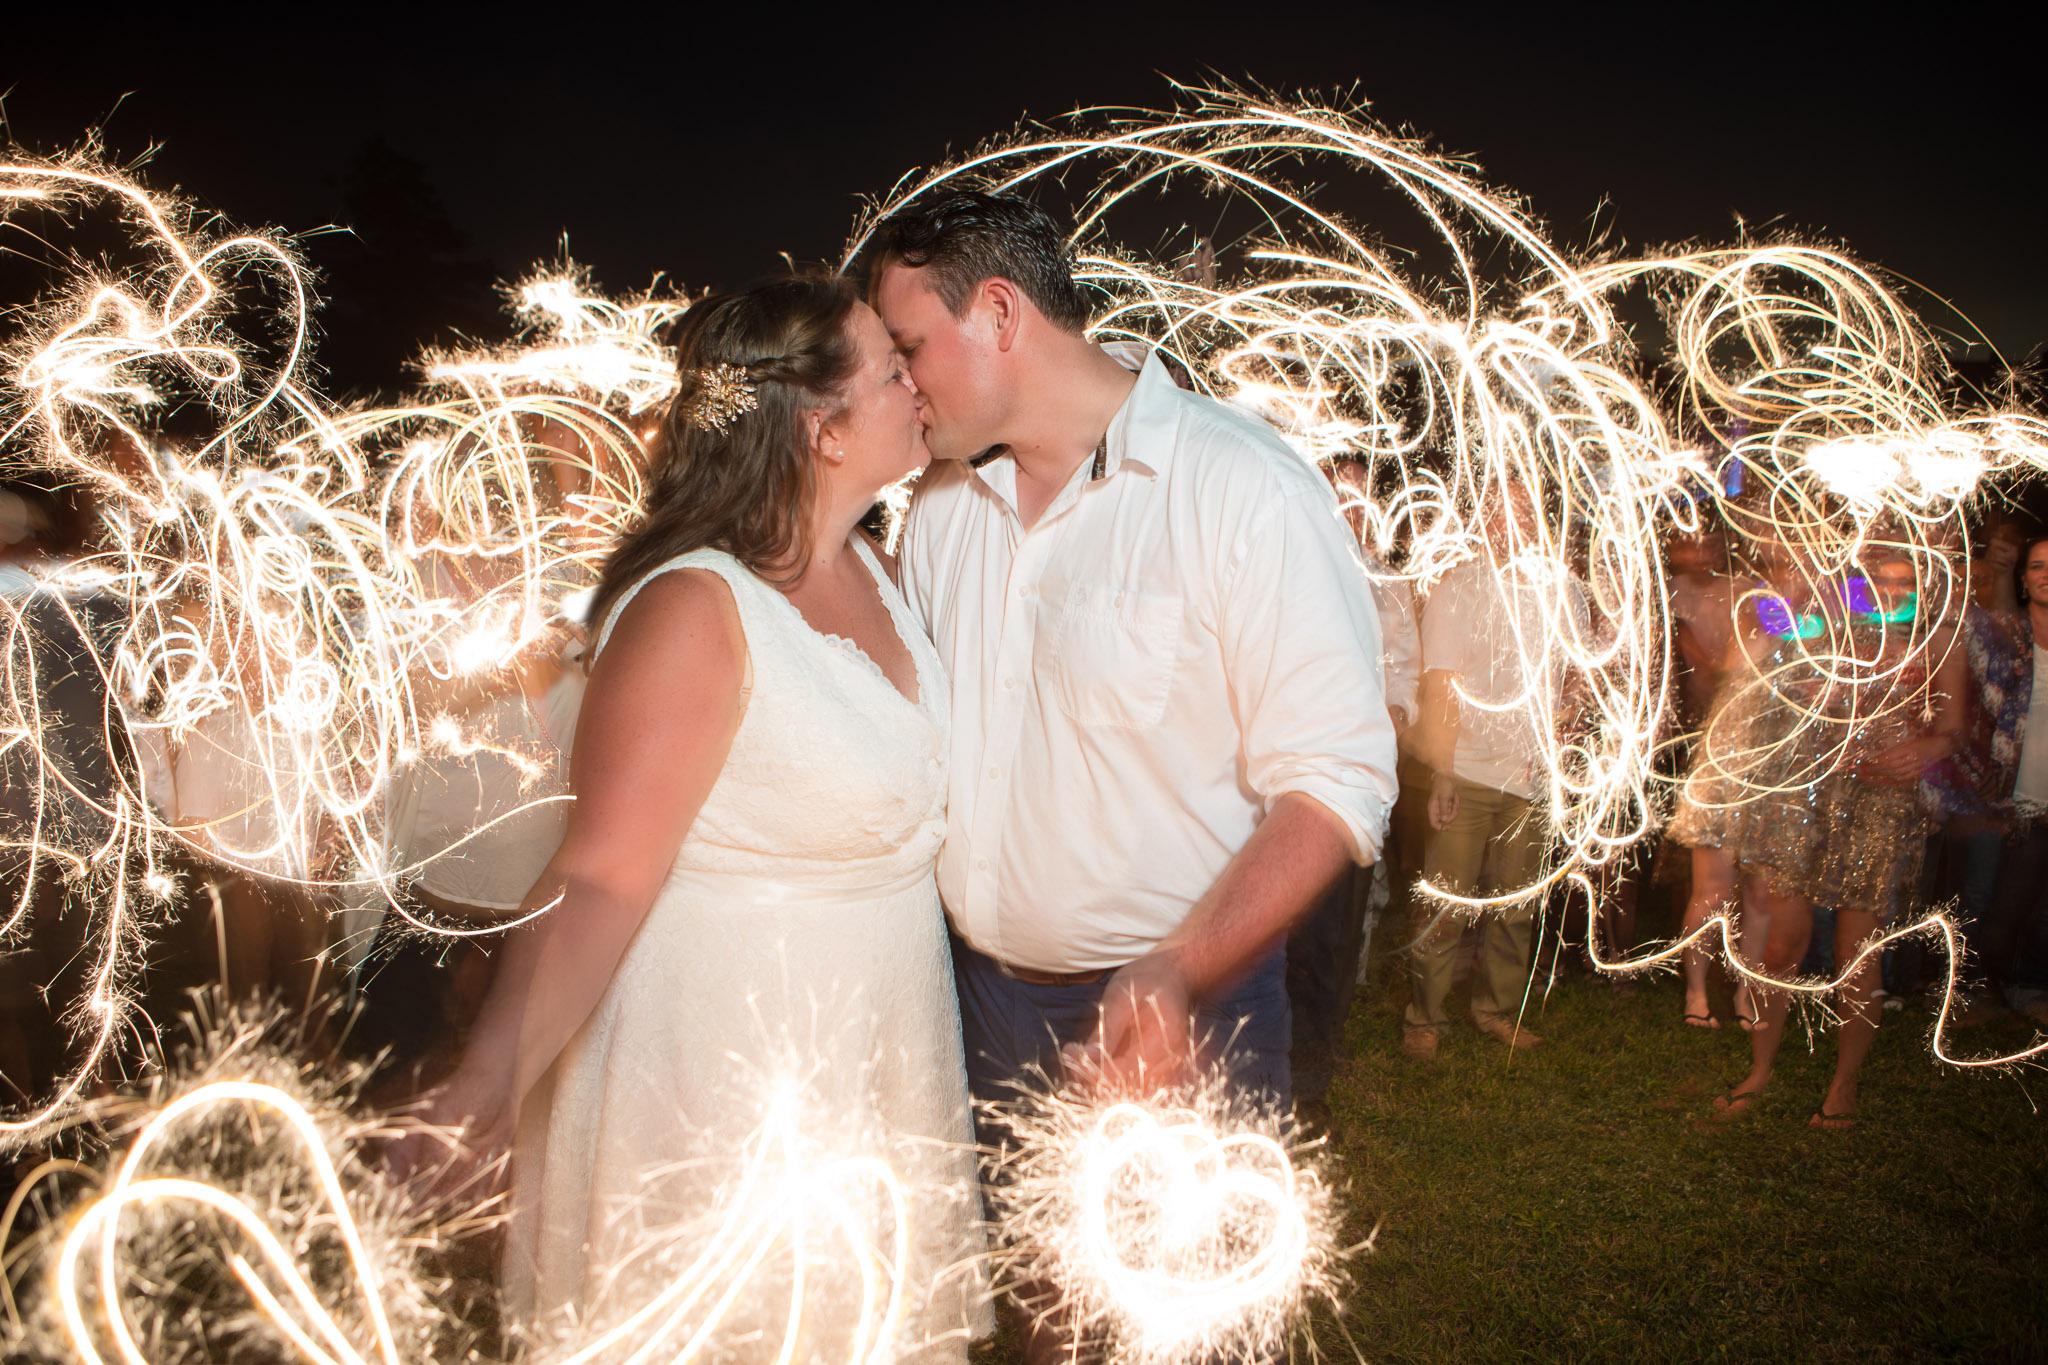 katy-aleks-wedding-shayne-gray-7444.jpg